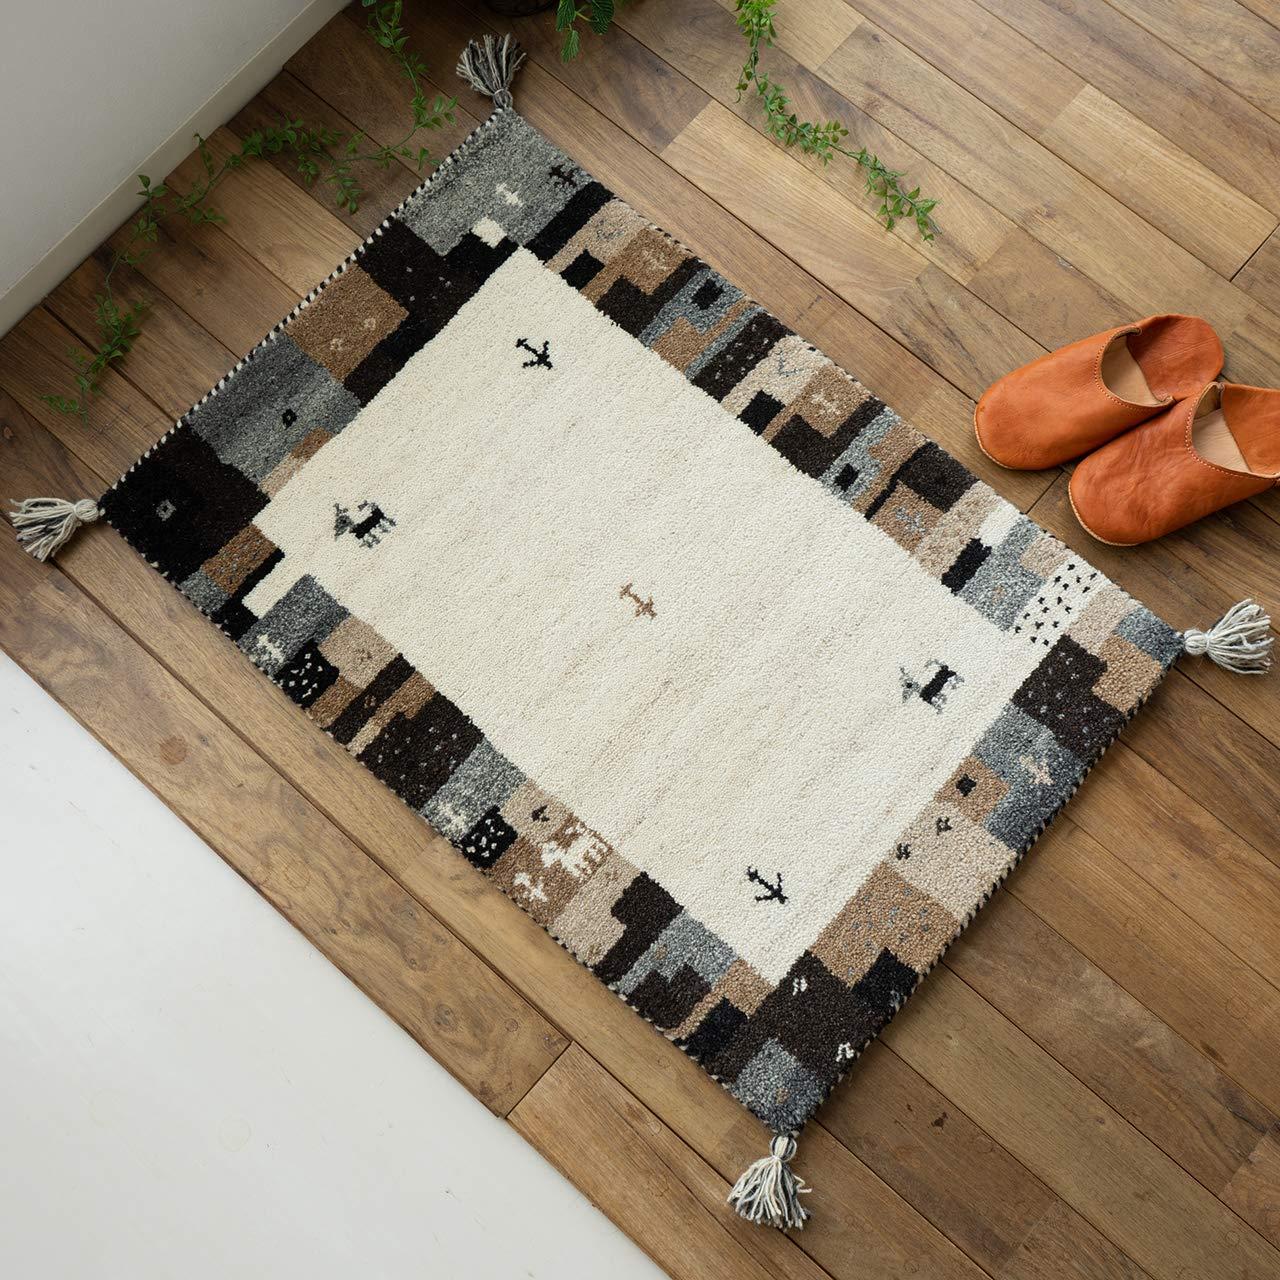 おしゃれ 手織り 屋内 室内 無染色 ギャベ ギャッベ 玄関マット HG919 ナチュラル フレーム 70x120 cm ウール 100% B07HR7LDWB フレーム919 70x120cm